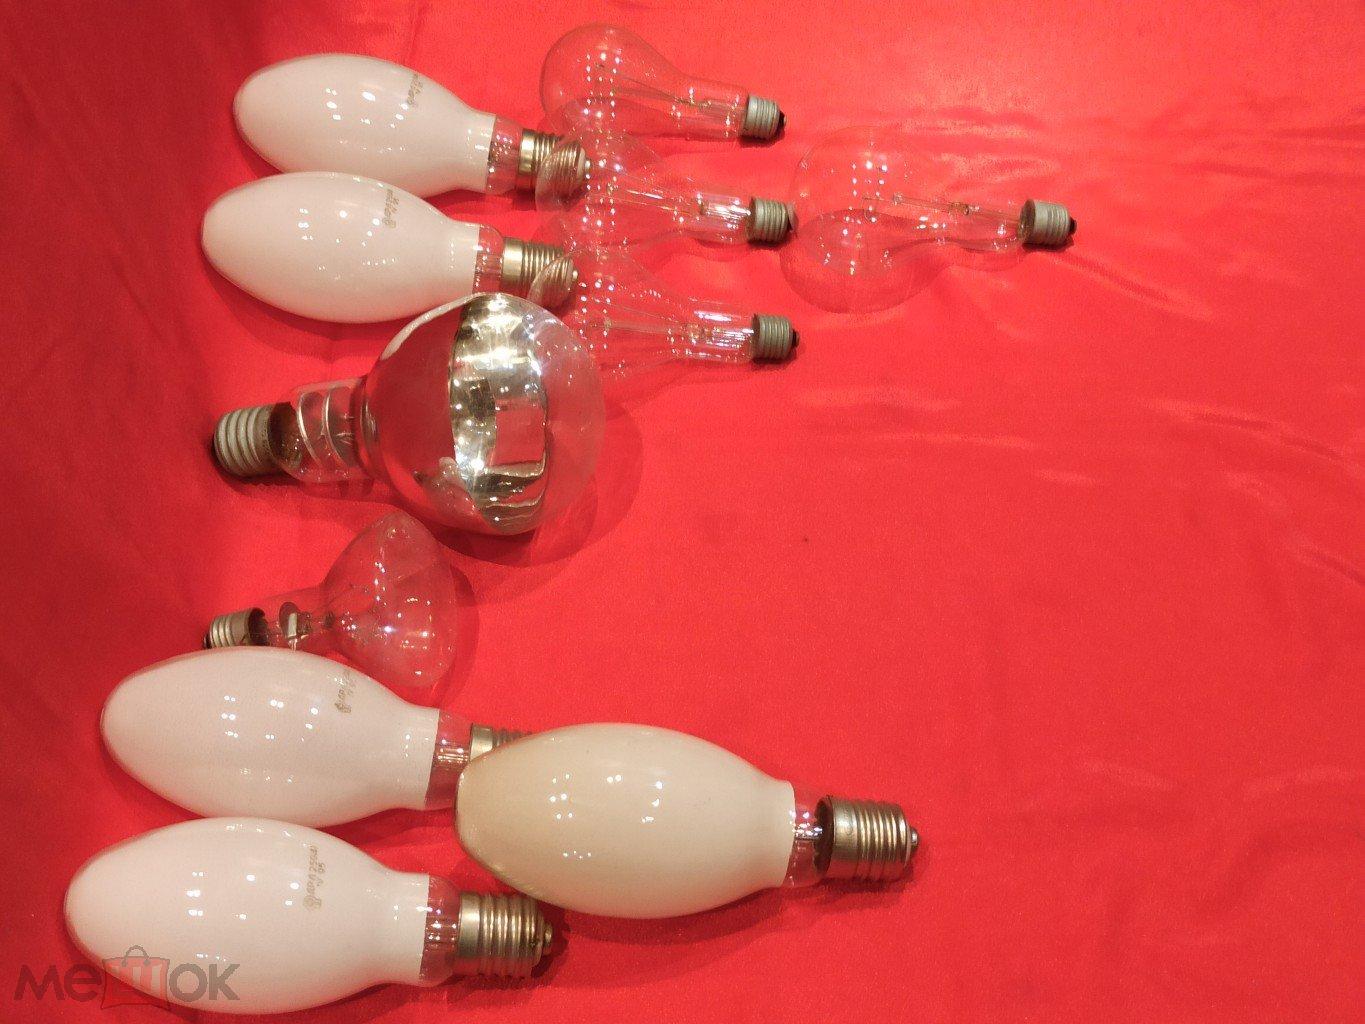 Лампа на 500 Вт. 300 Вт и  прочие всего 6 штук..(Одним лотом)